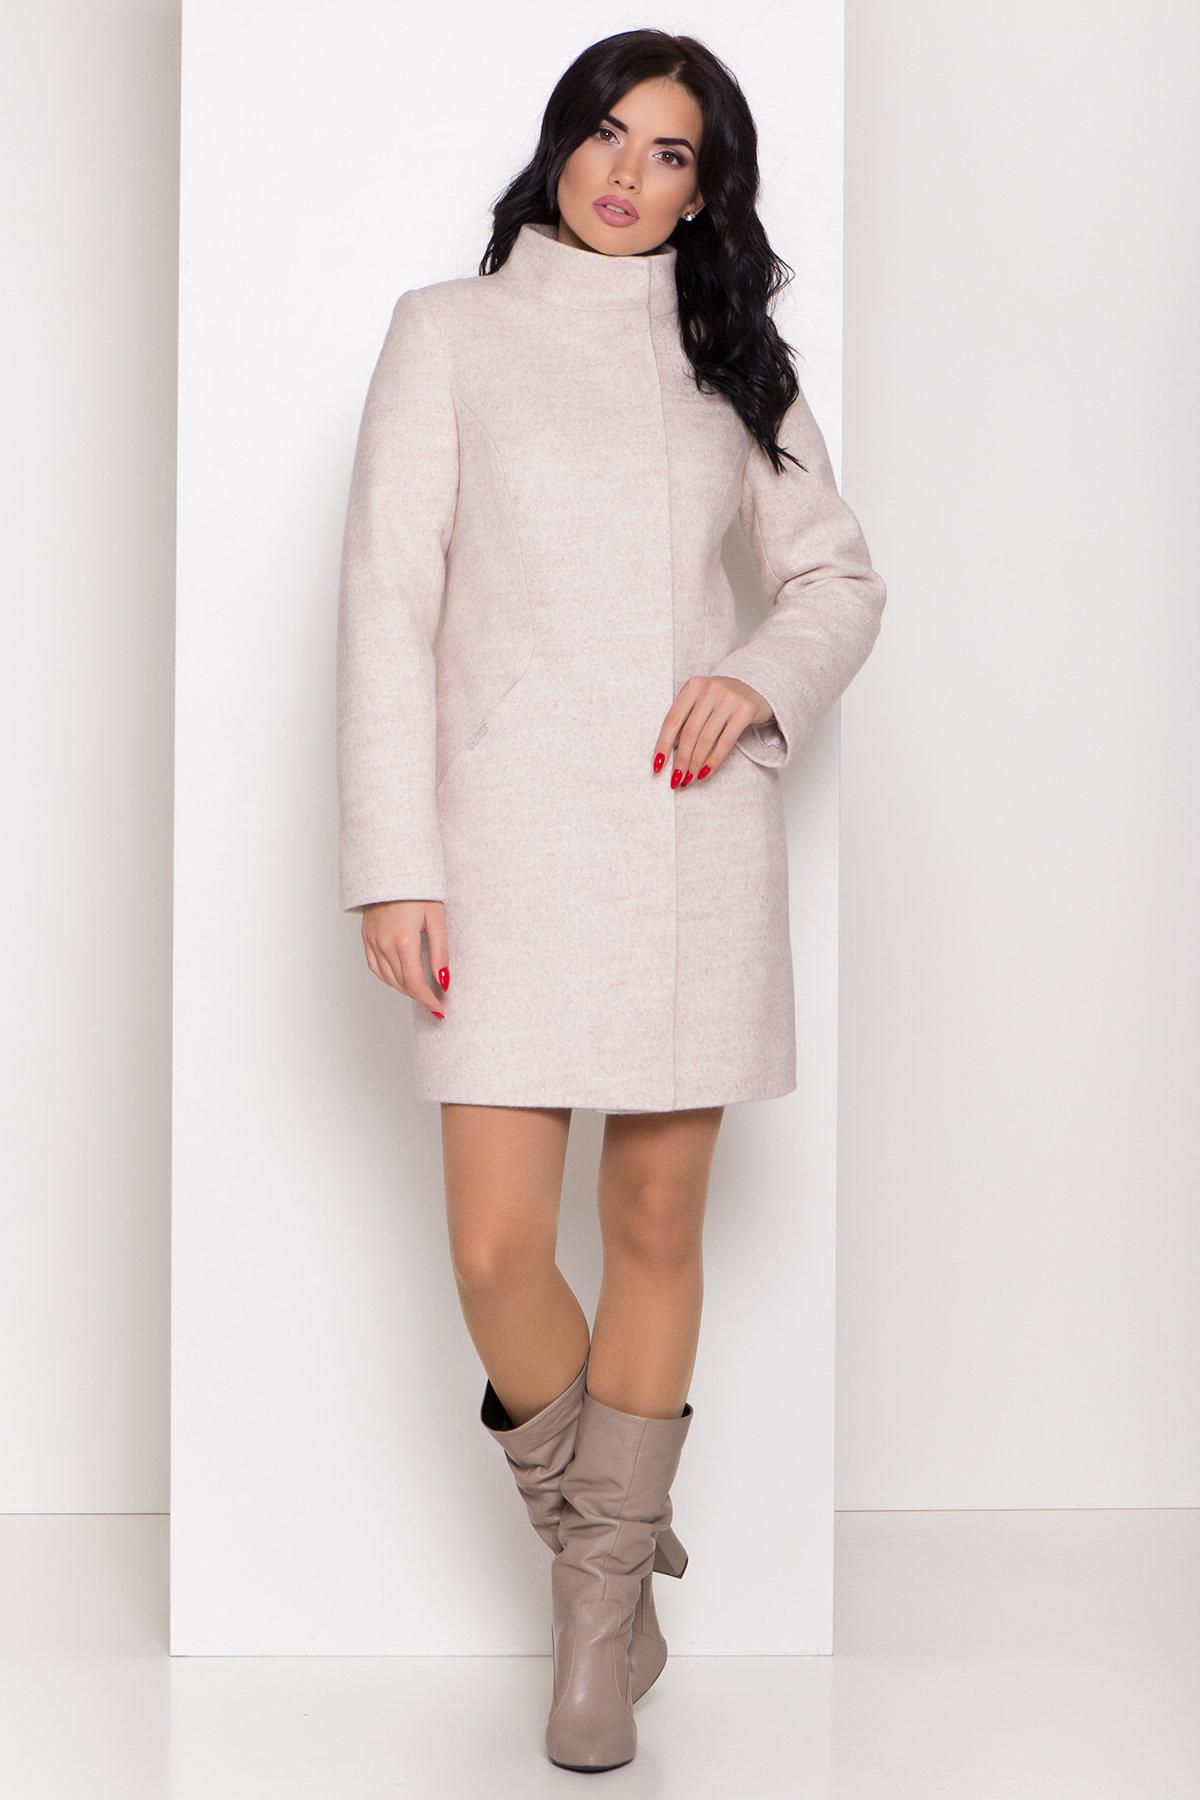 Зимнее пальто с круговым шарфом  Сплит 8406 АРТ. 44631 Цвет: Бежевый 21 - фото 4, интернет магазин tm-modus.ru